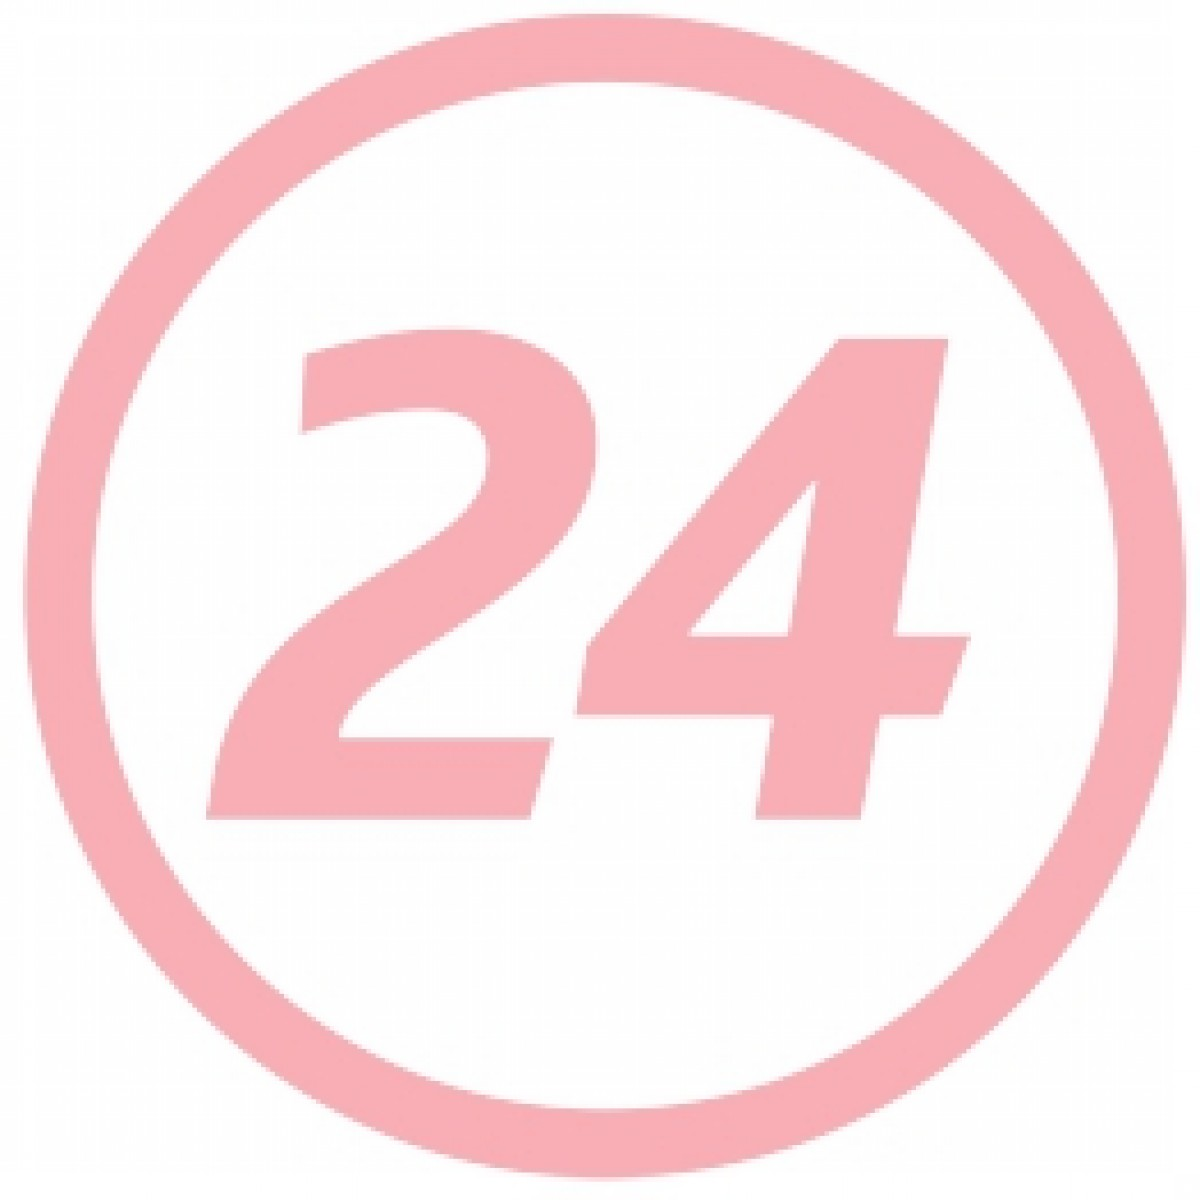 Pampers 3 Premium Care 4-9 kg, Scutece, 27buc